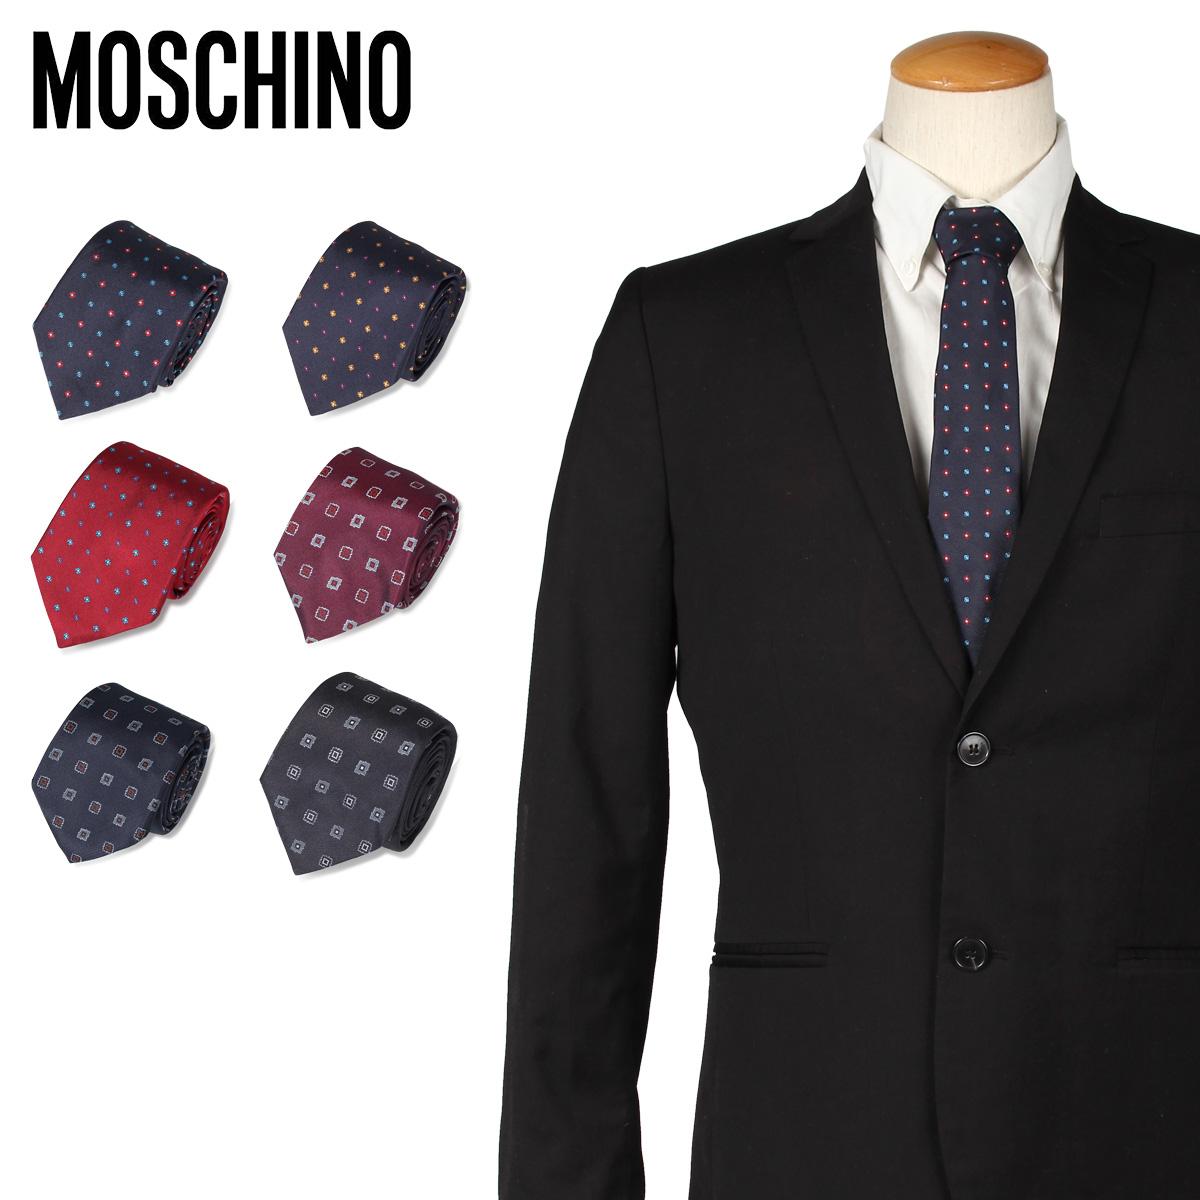 モスキーノ MOSCHINO ネクタイ メンズ シルク ビジネス 結婚式 [11/15 新入荷]